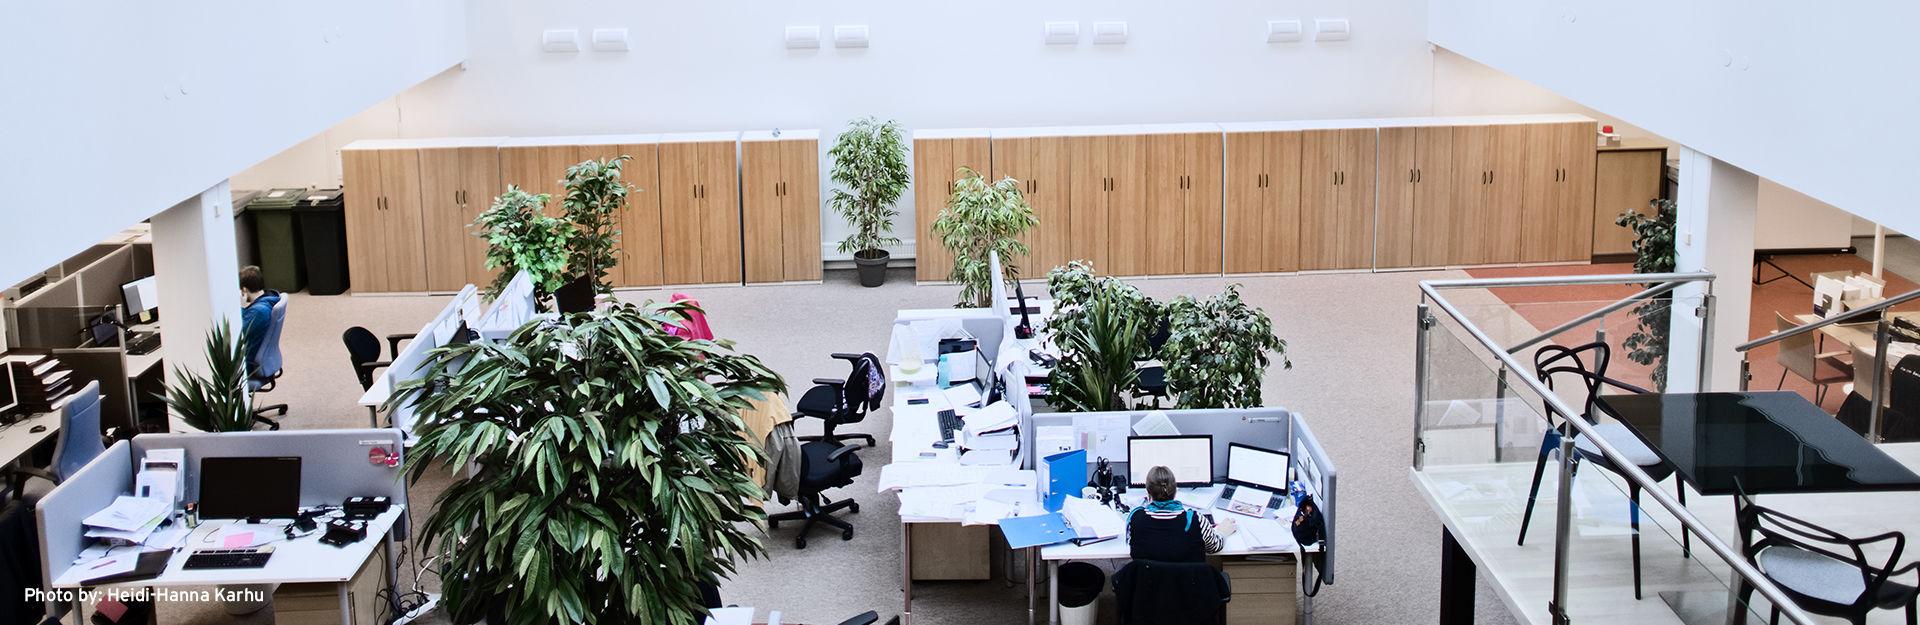 Contact Espoo Innovation Garden